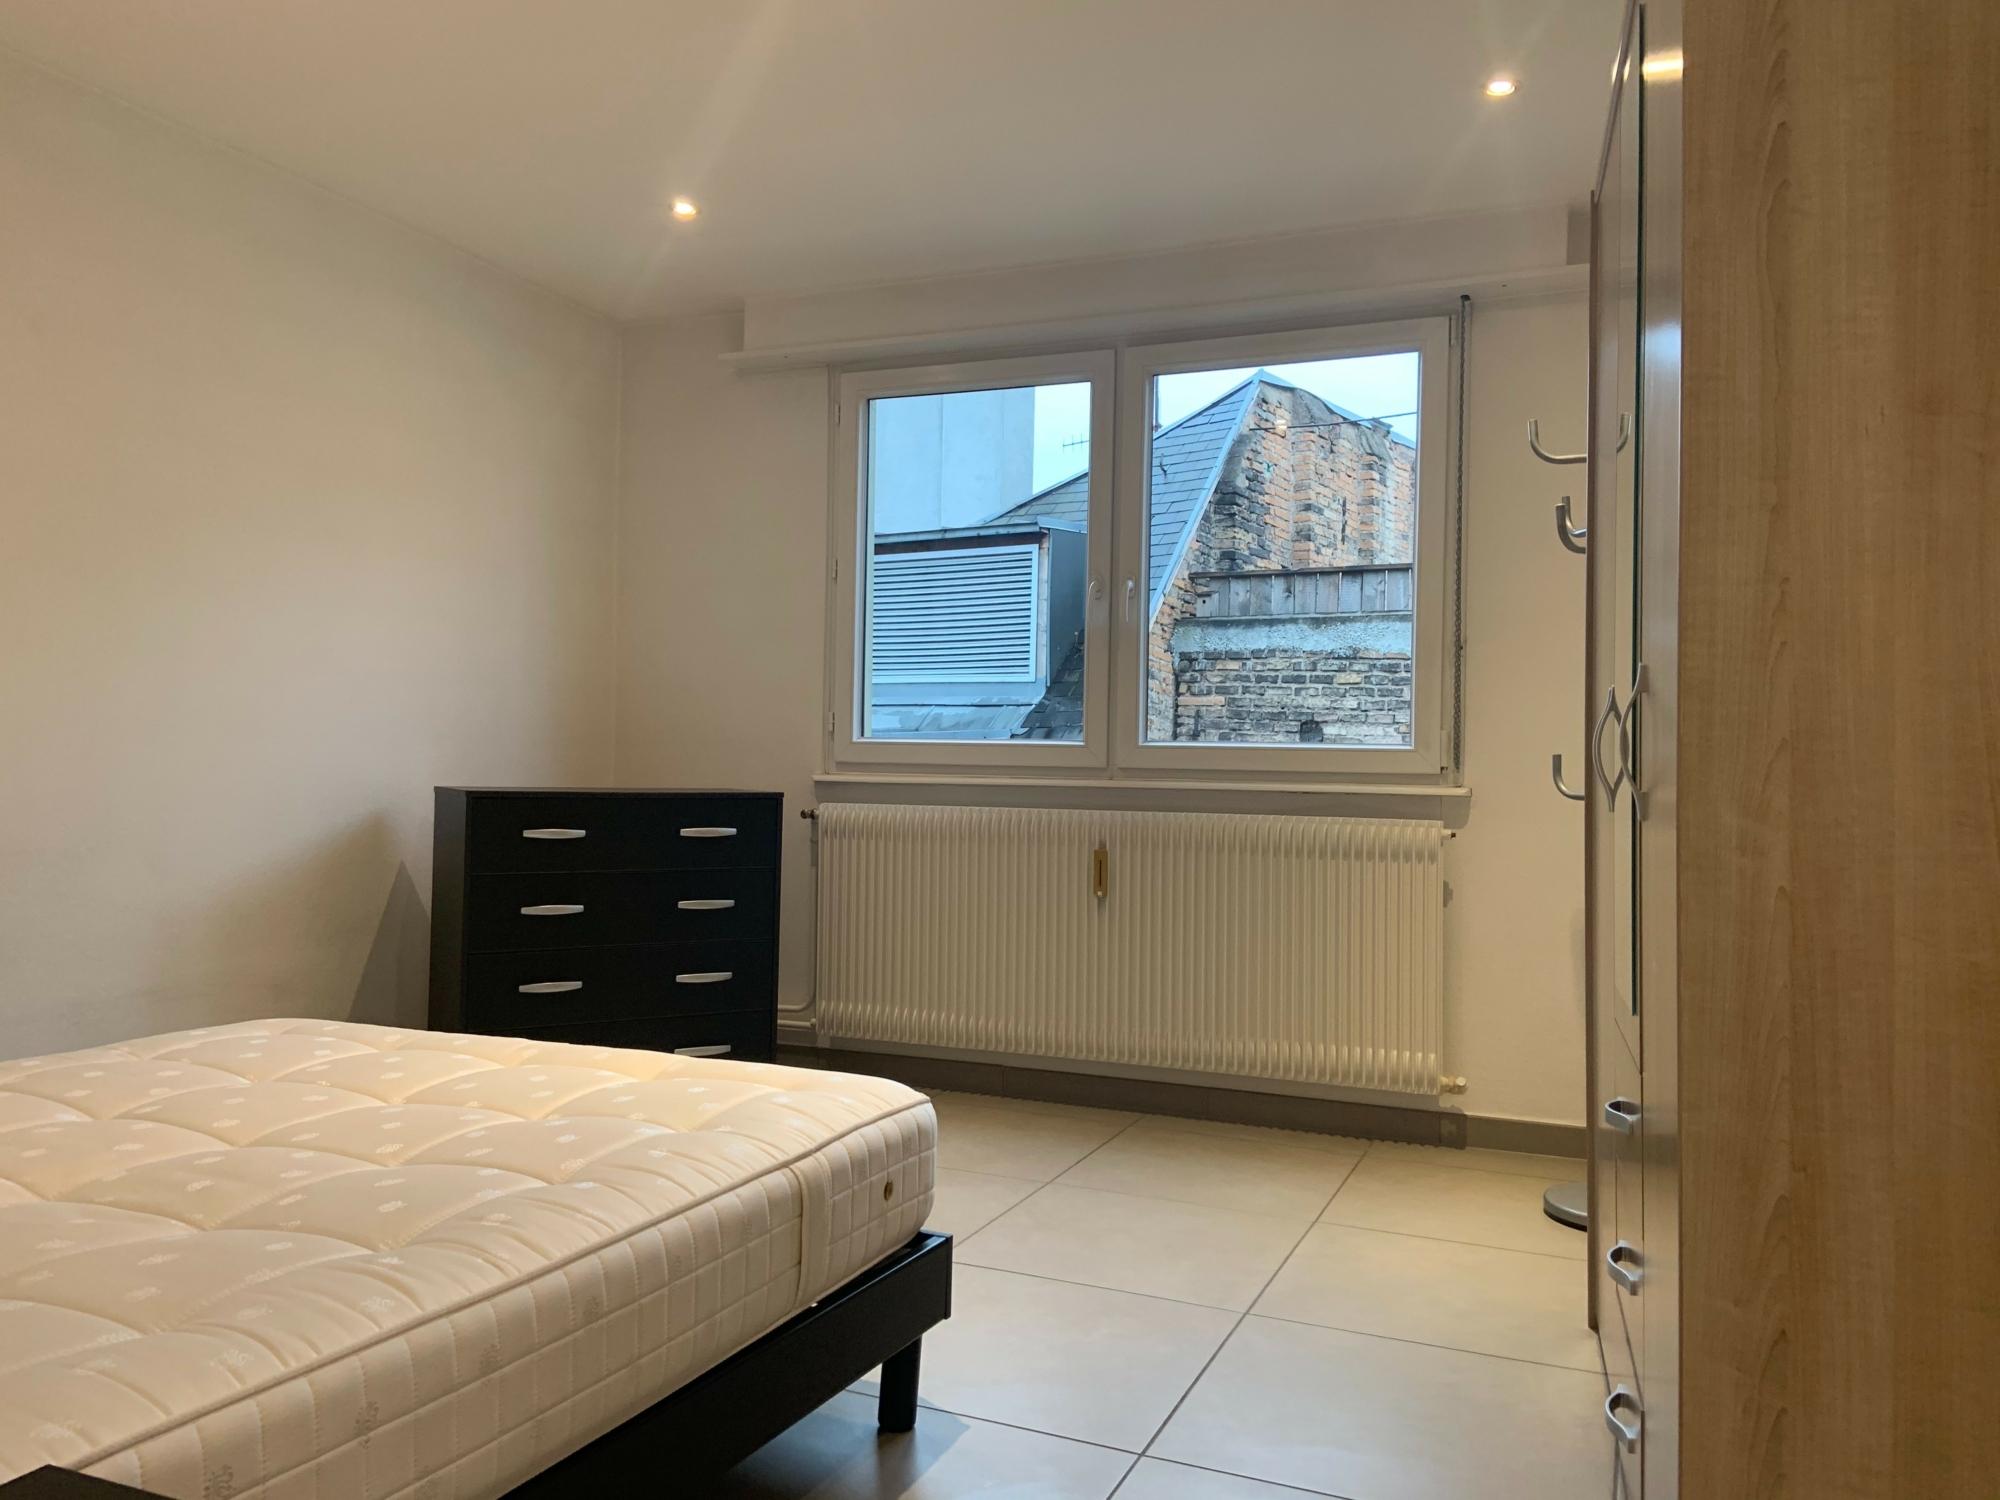 2 pièces meublé en parfait état - Strasbourg Broglie / rue Thomann - nos locations - Beausite Immobilier 3